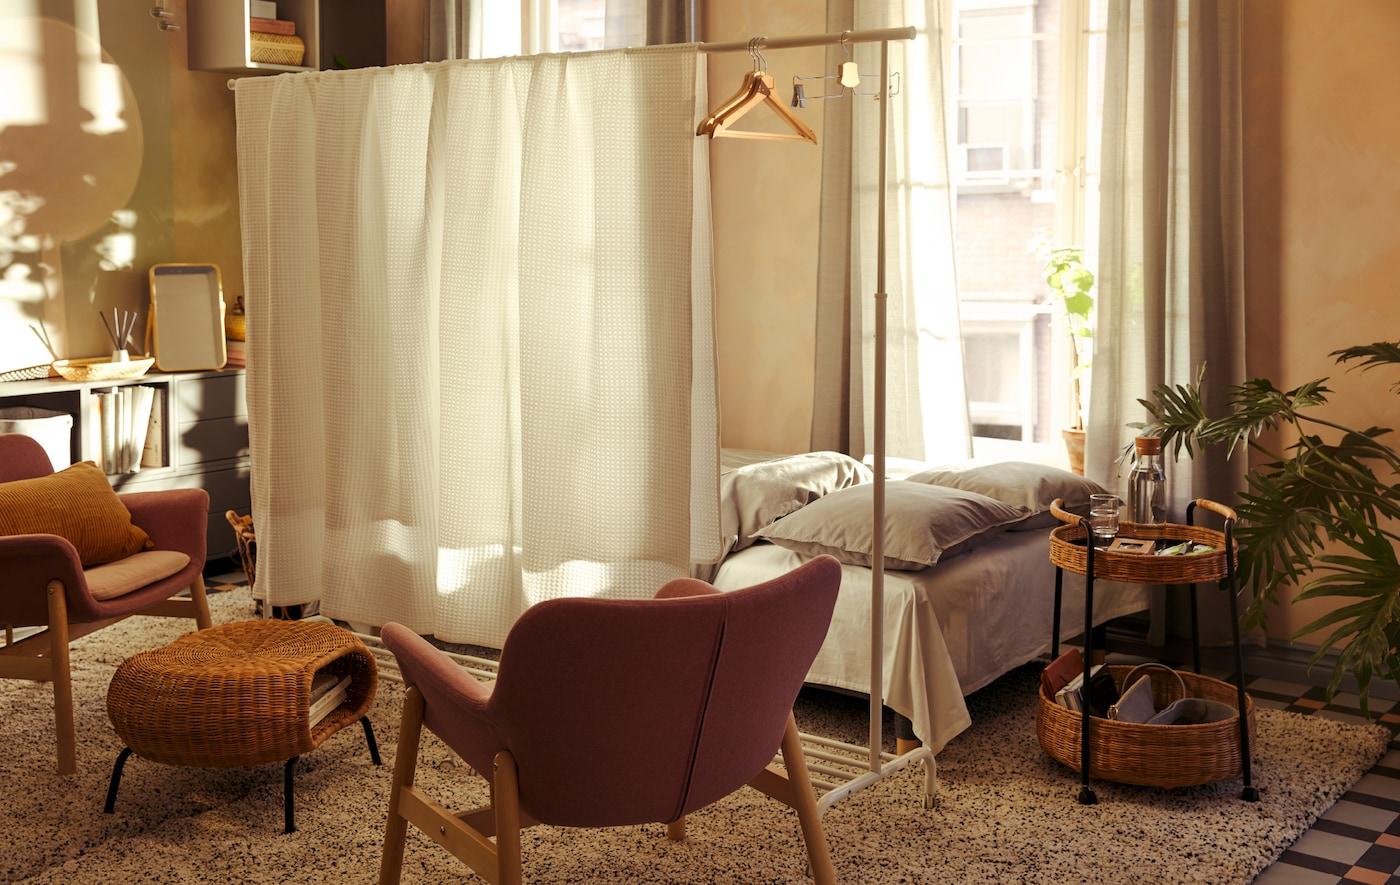 Gemütliche Schlafmöglichkeit für Gäste, bei der ein großes Bett hinter einem Raumteiler aus einem Garderobenständer & Tagesdecken steht.